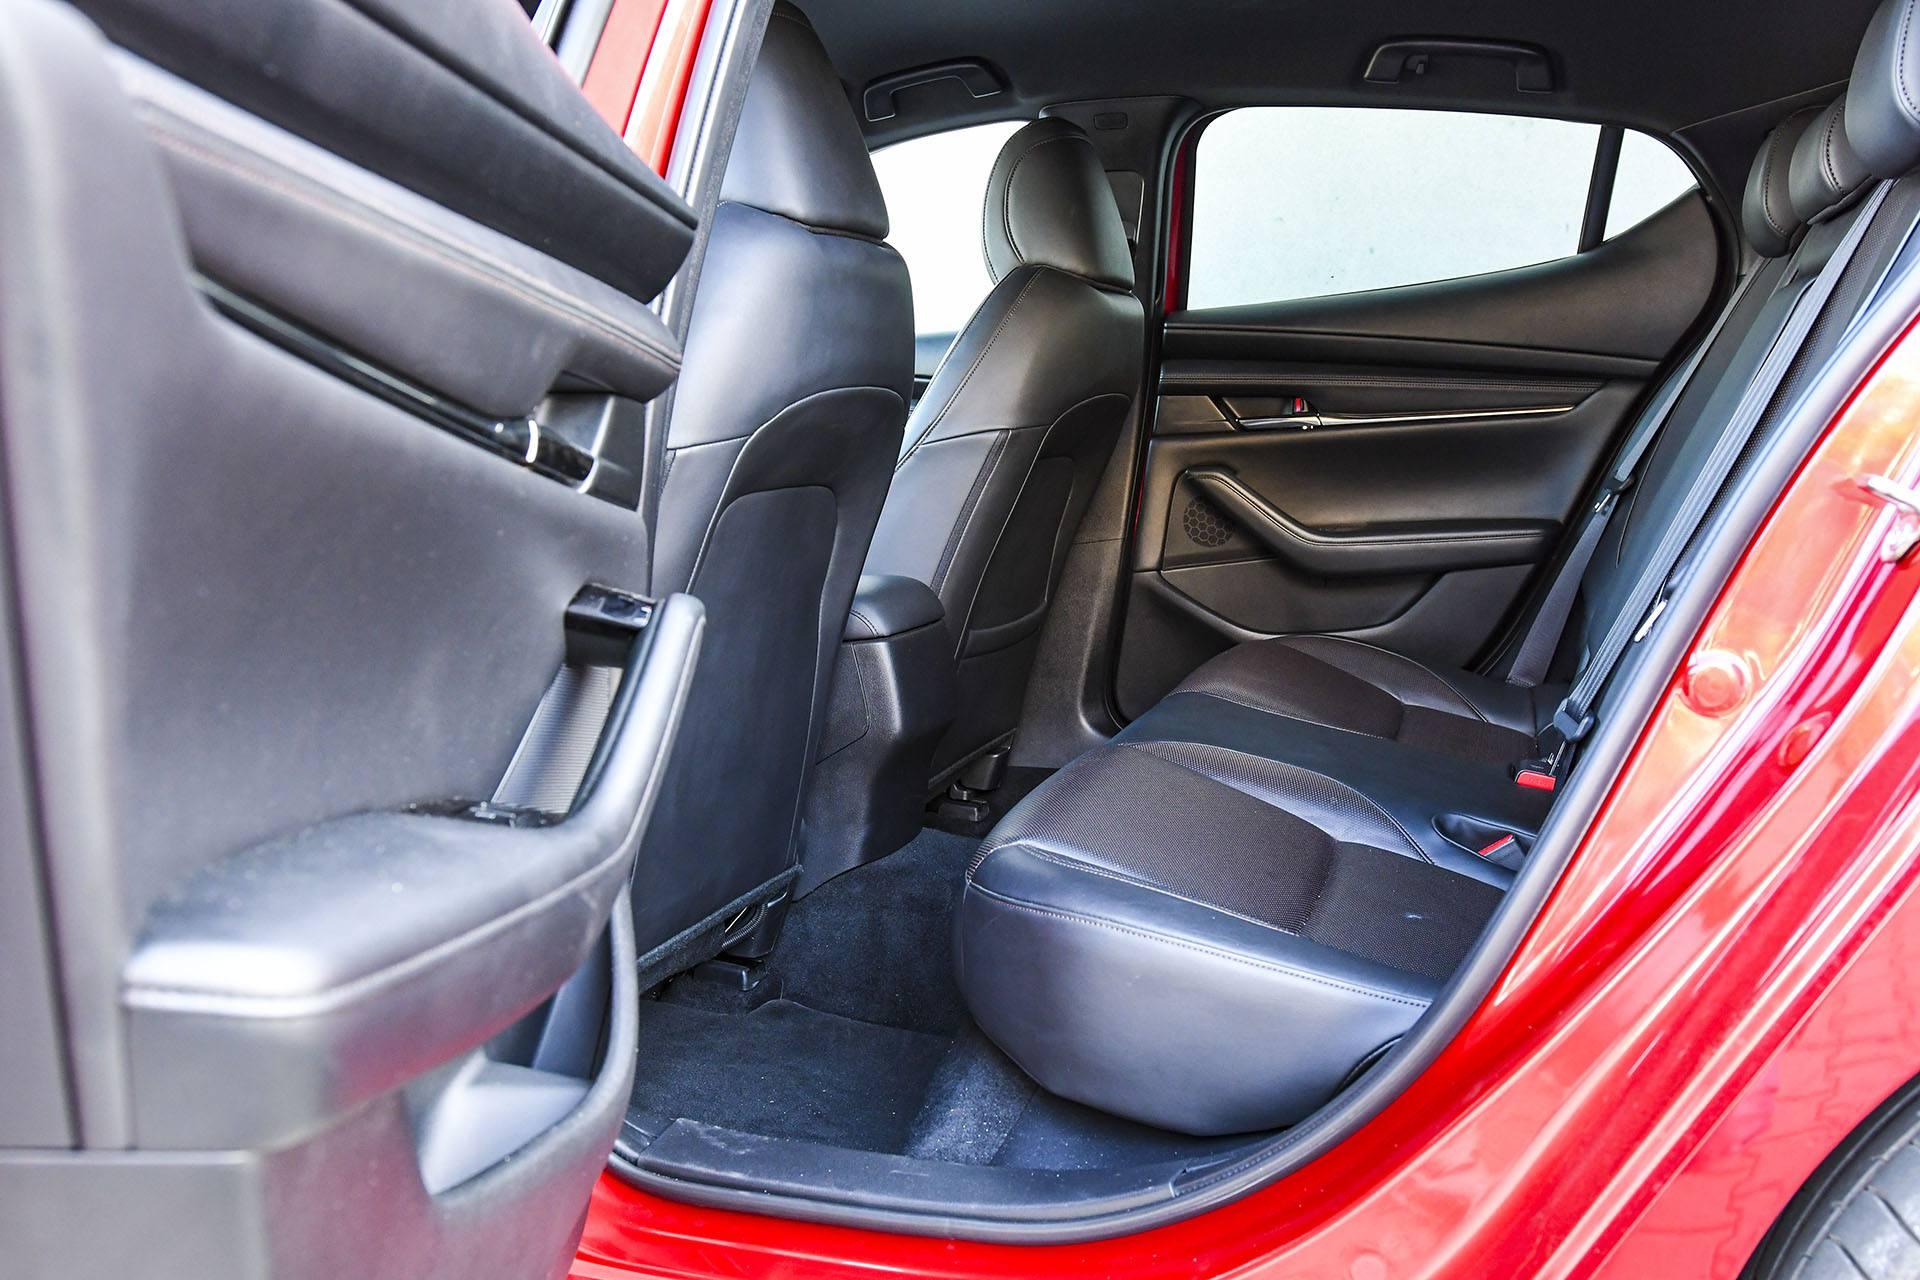 Mazda 3 - kanapa – PORÓWNANIE BMW 118i, Mazda 3 – opinie, spalanie, wymiary, dane techniczne